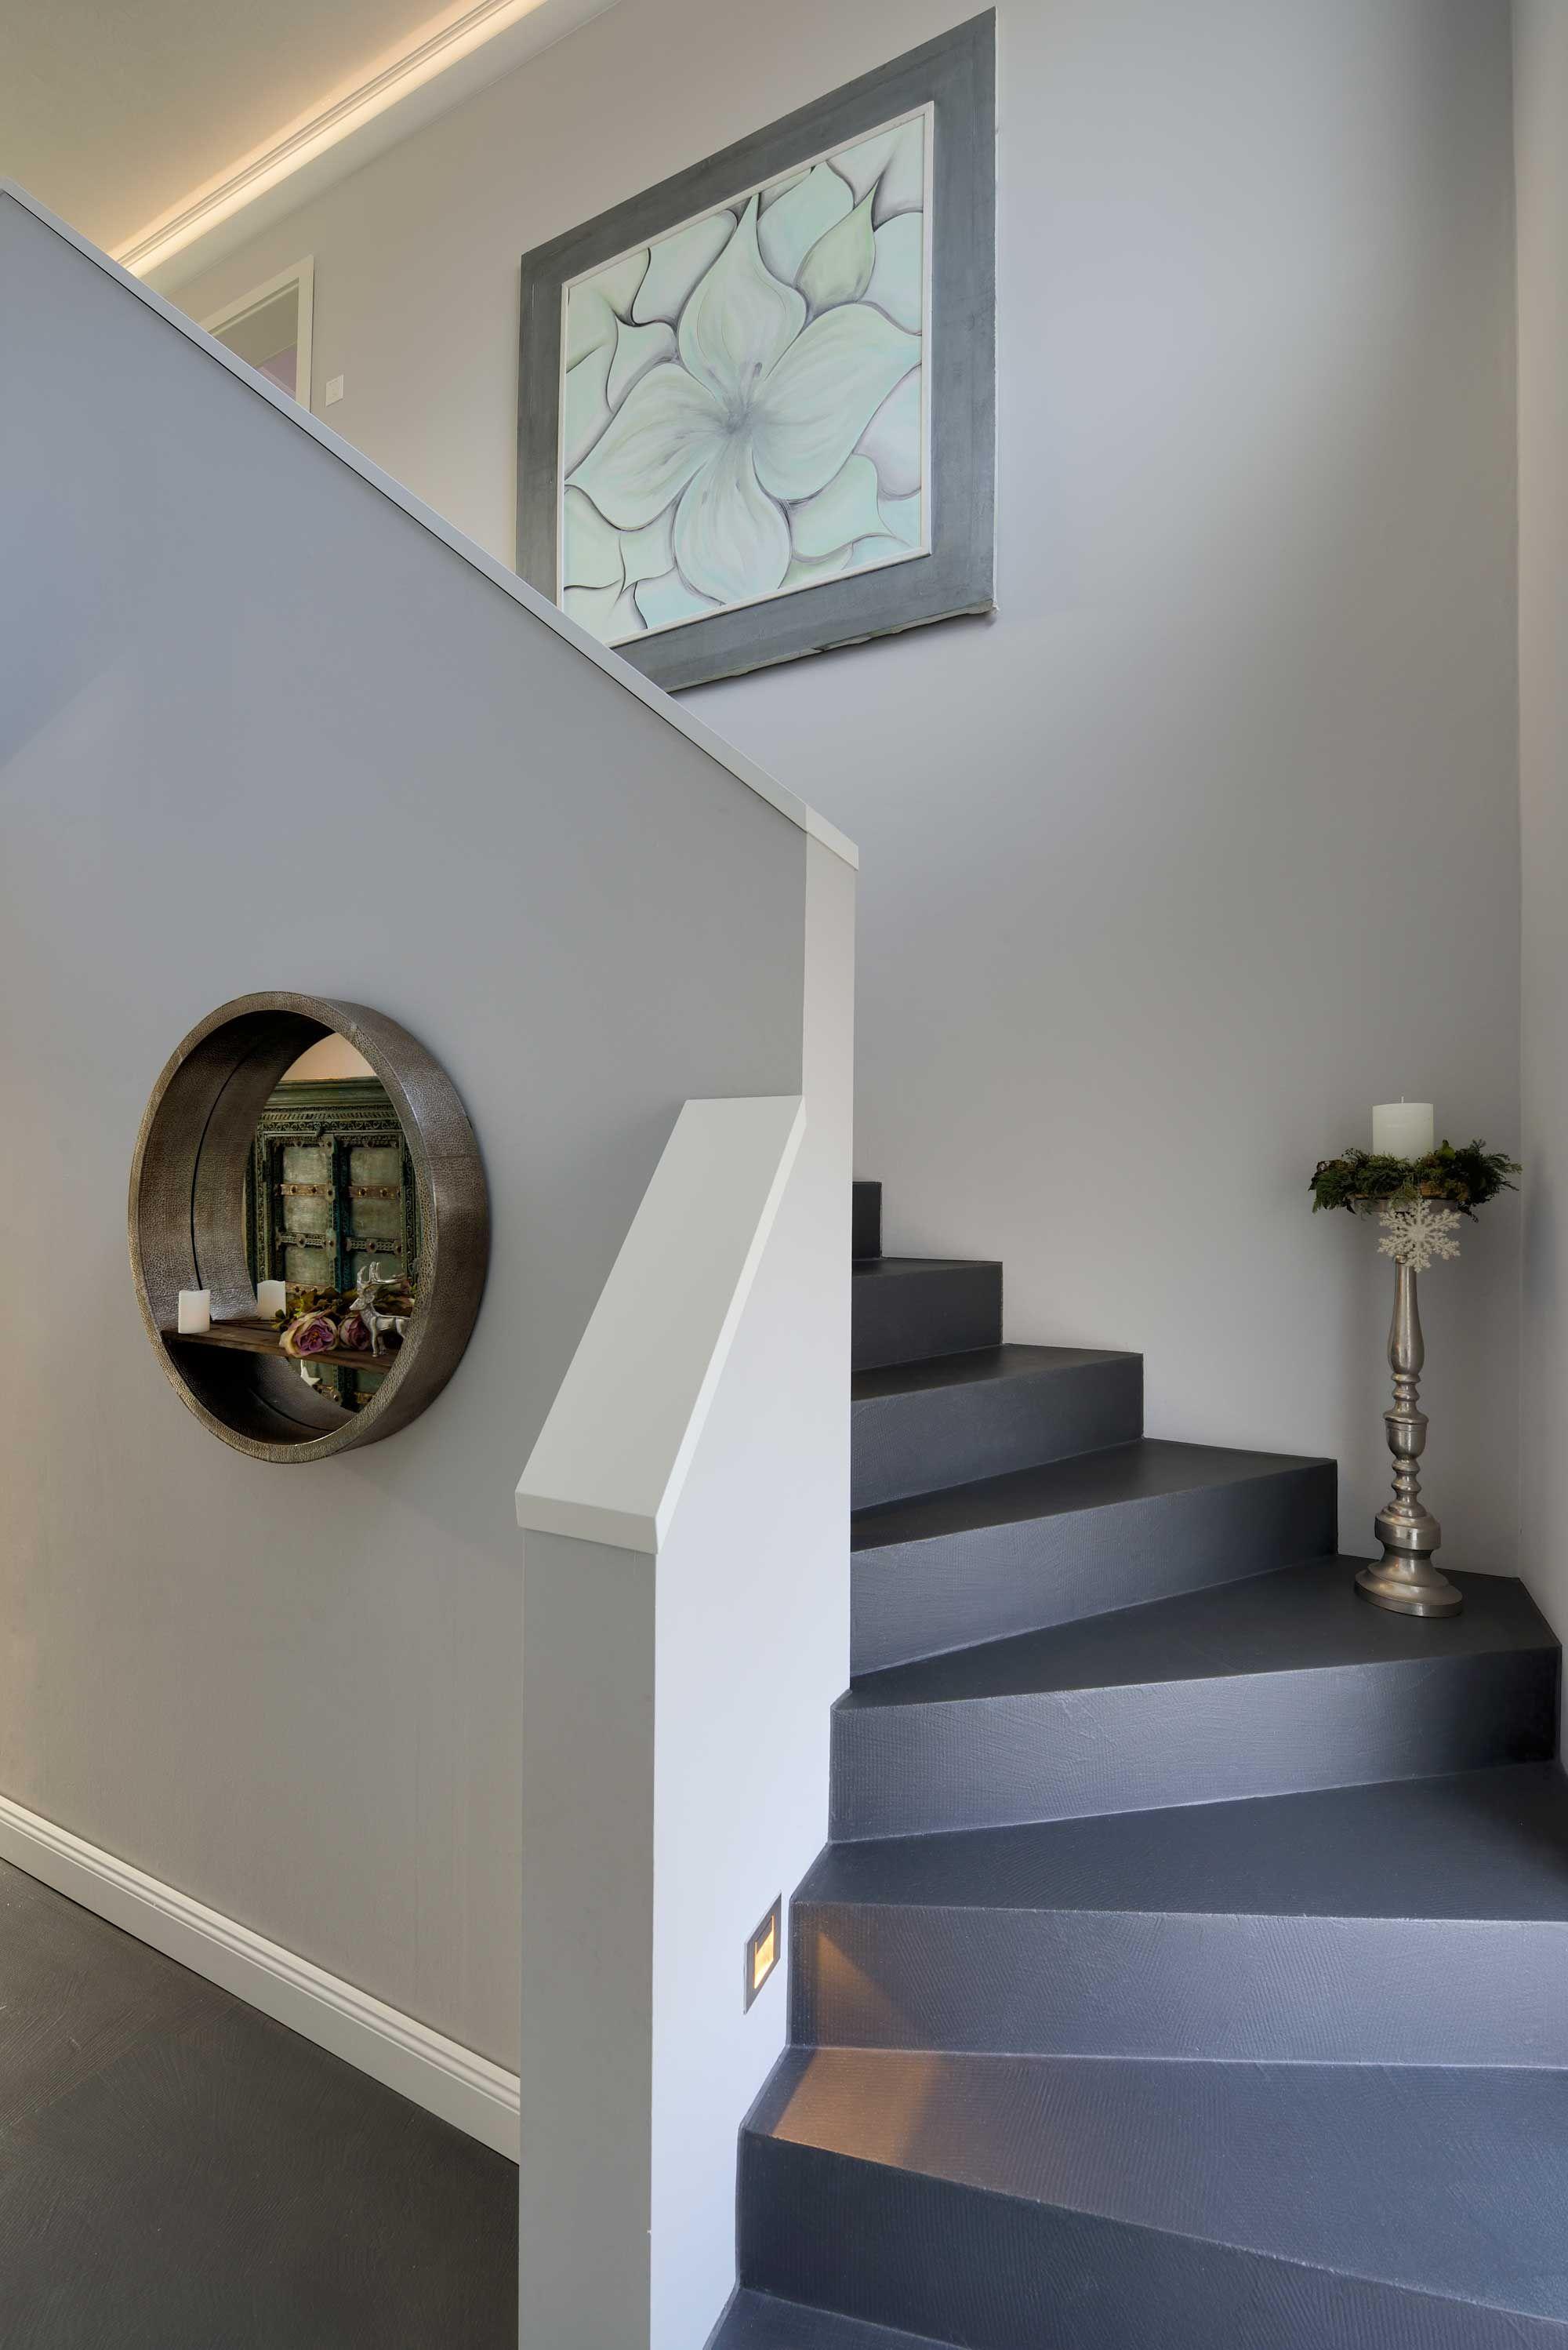 Aufgesattelte Wangentreppe 1 X 1 4 Gewendelt Haus Turselino Fertighaus Weiss Stadtvilla In 2019 Haus Treppe Haus Und Streif Haus